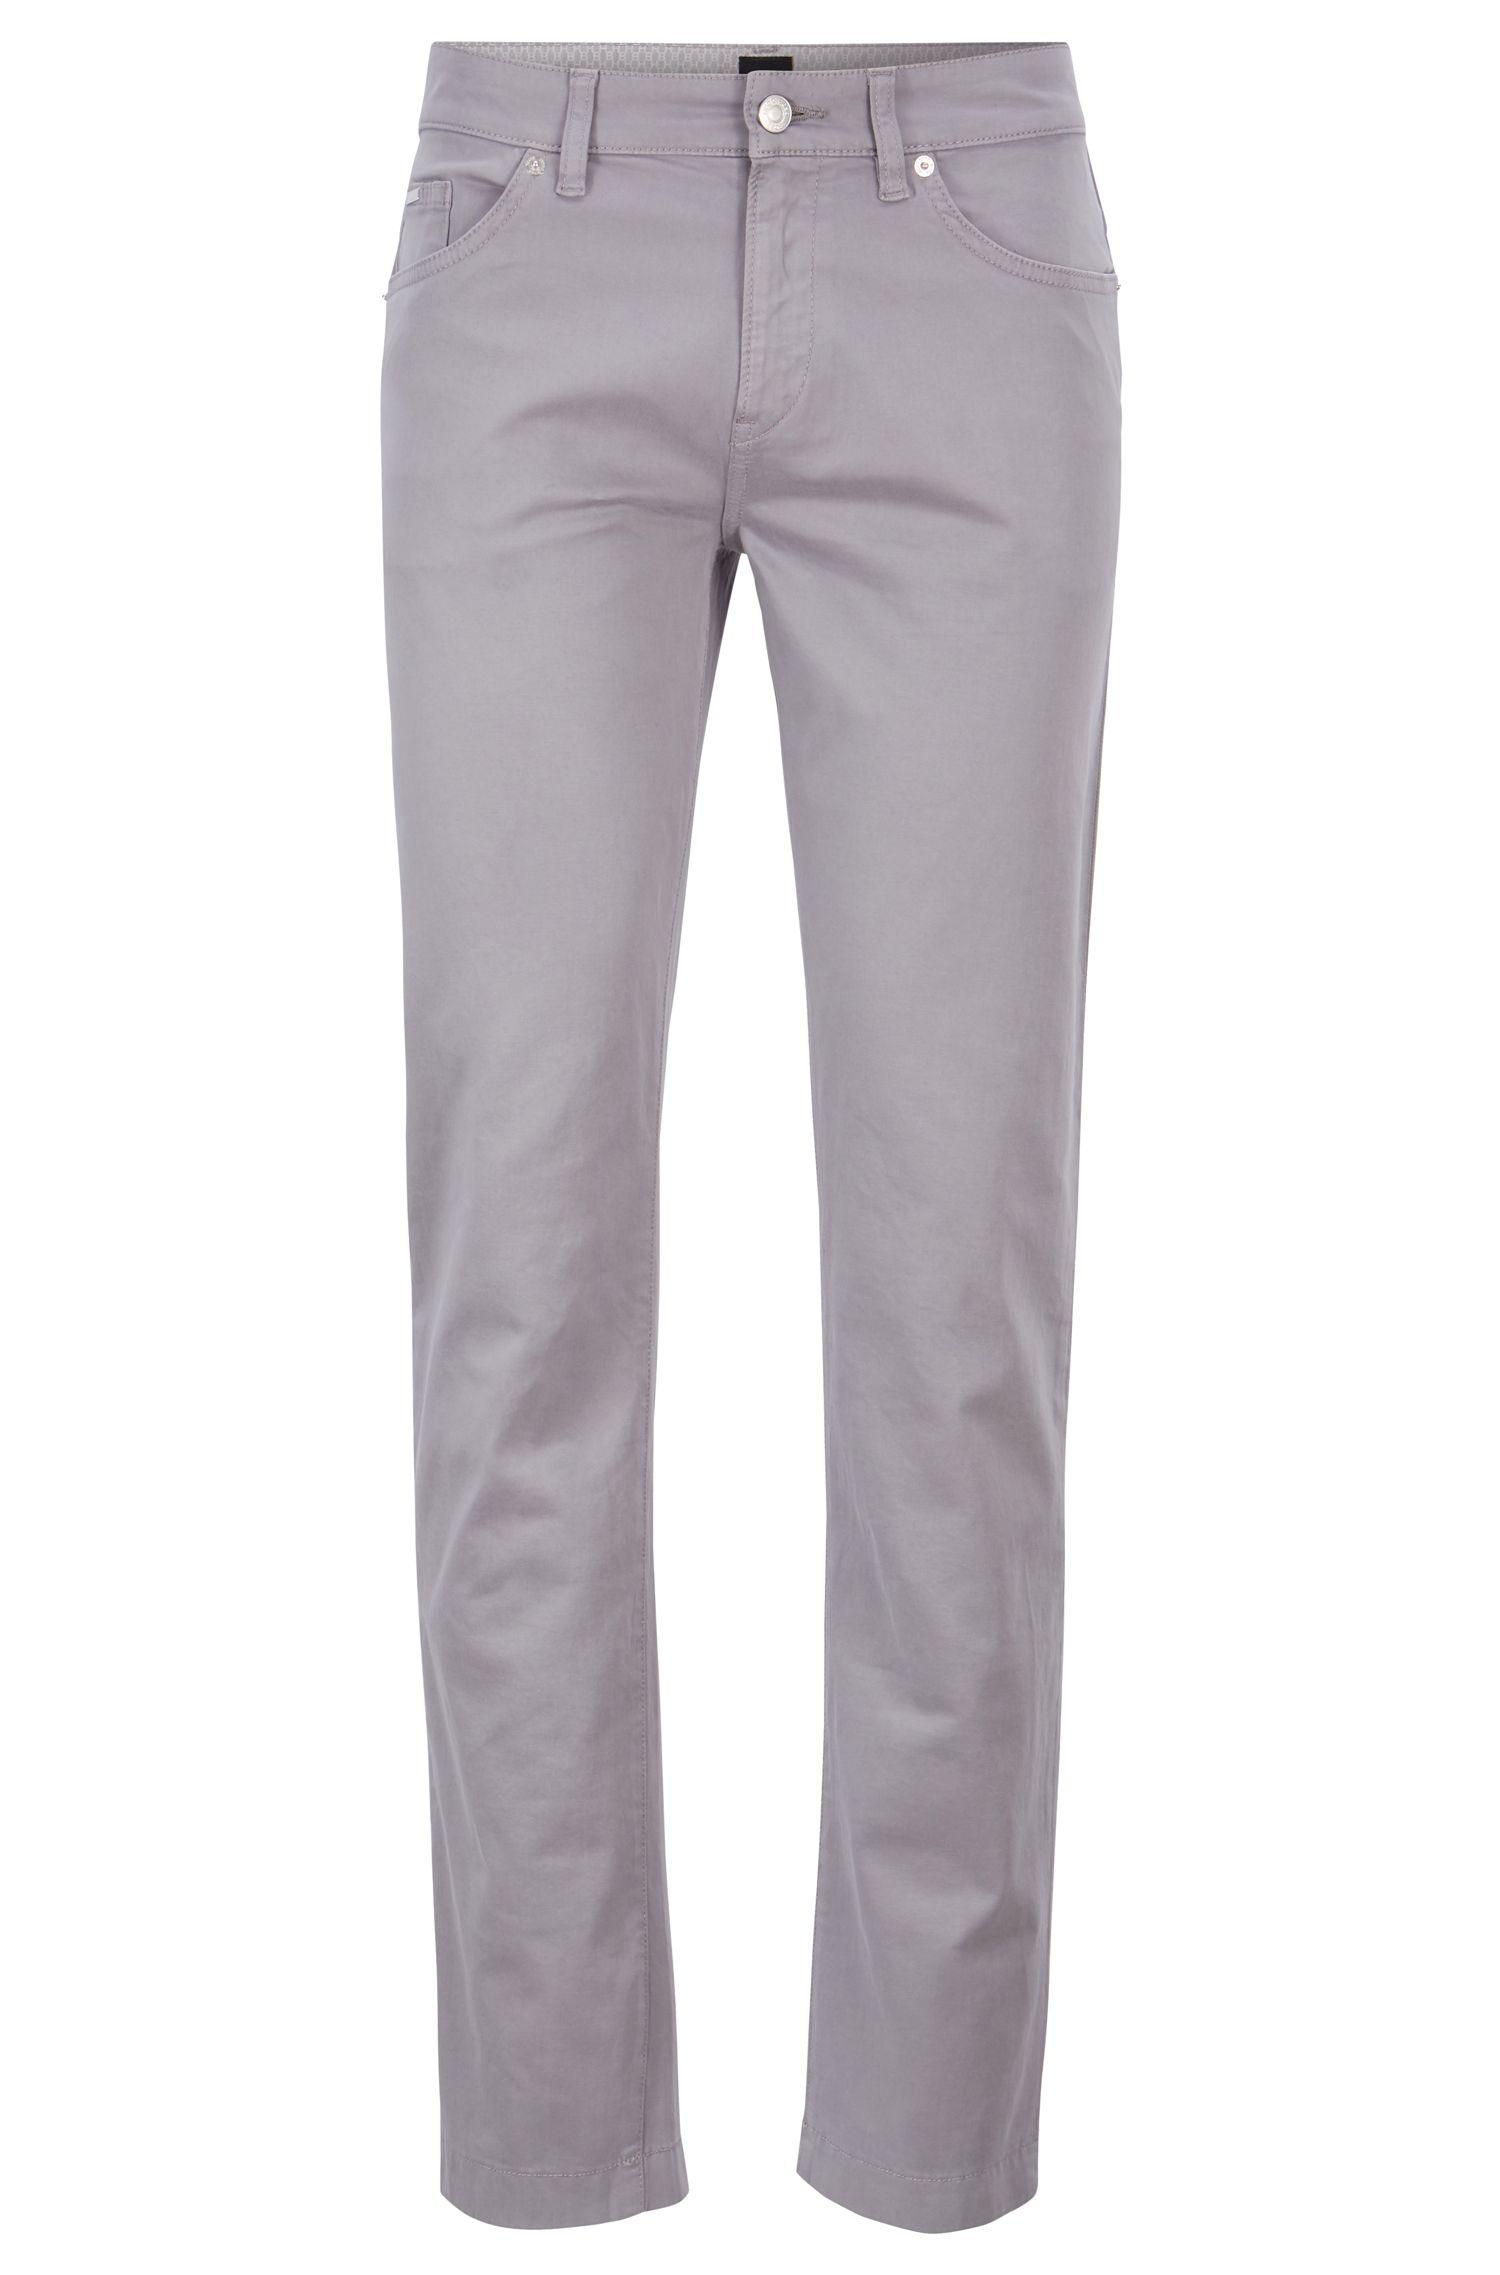 Slim-Fit Jeans aus Stretch-Denim mit Satin-Finish, Silber